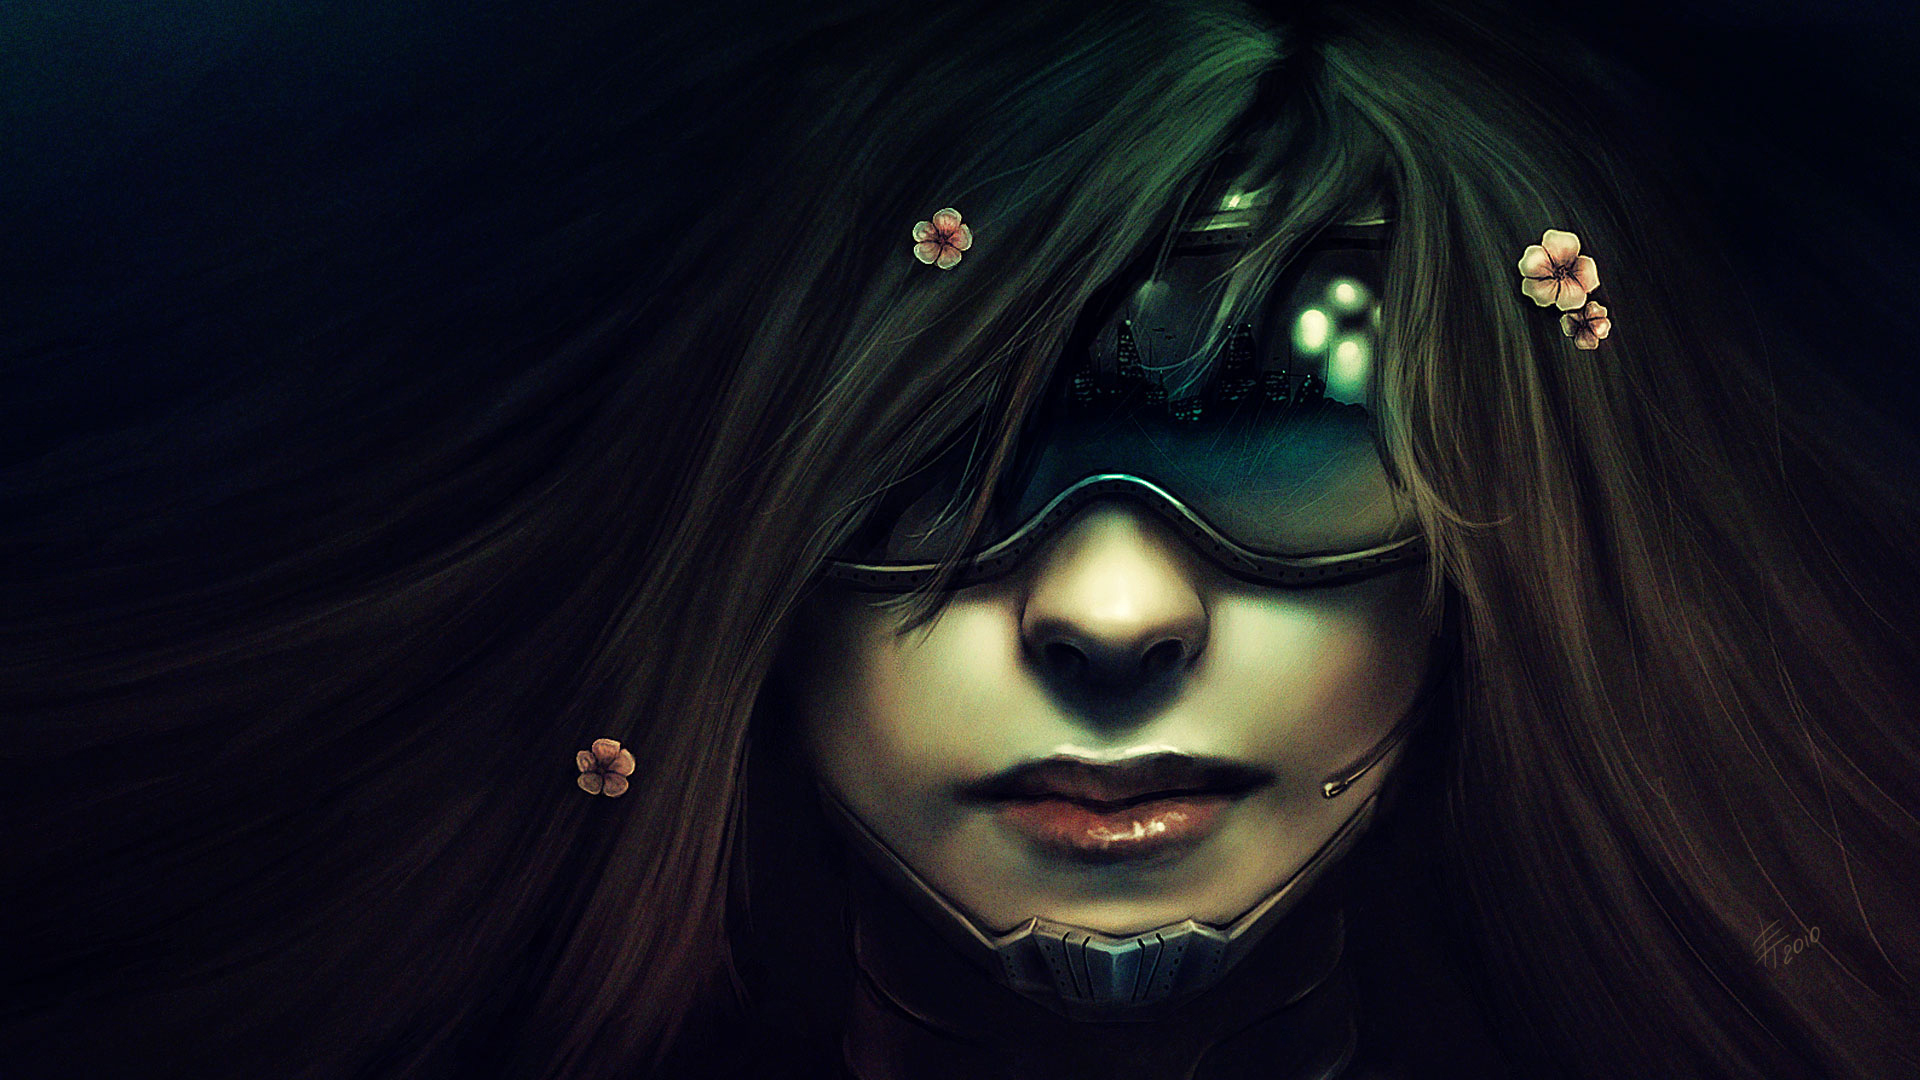 Futuregirl_1920x1080 by Egri